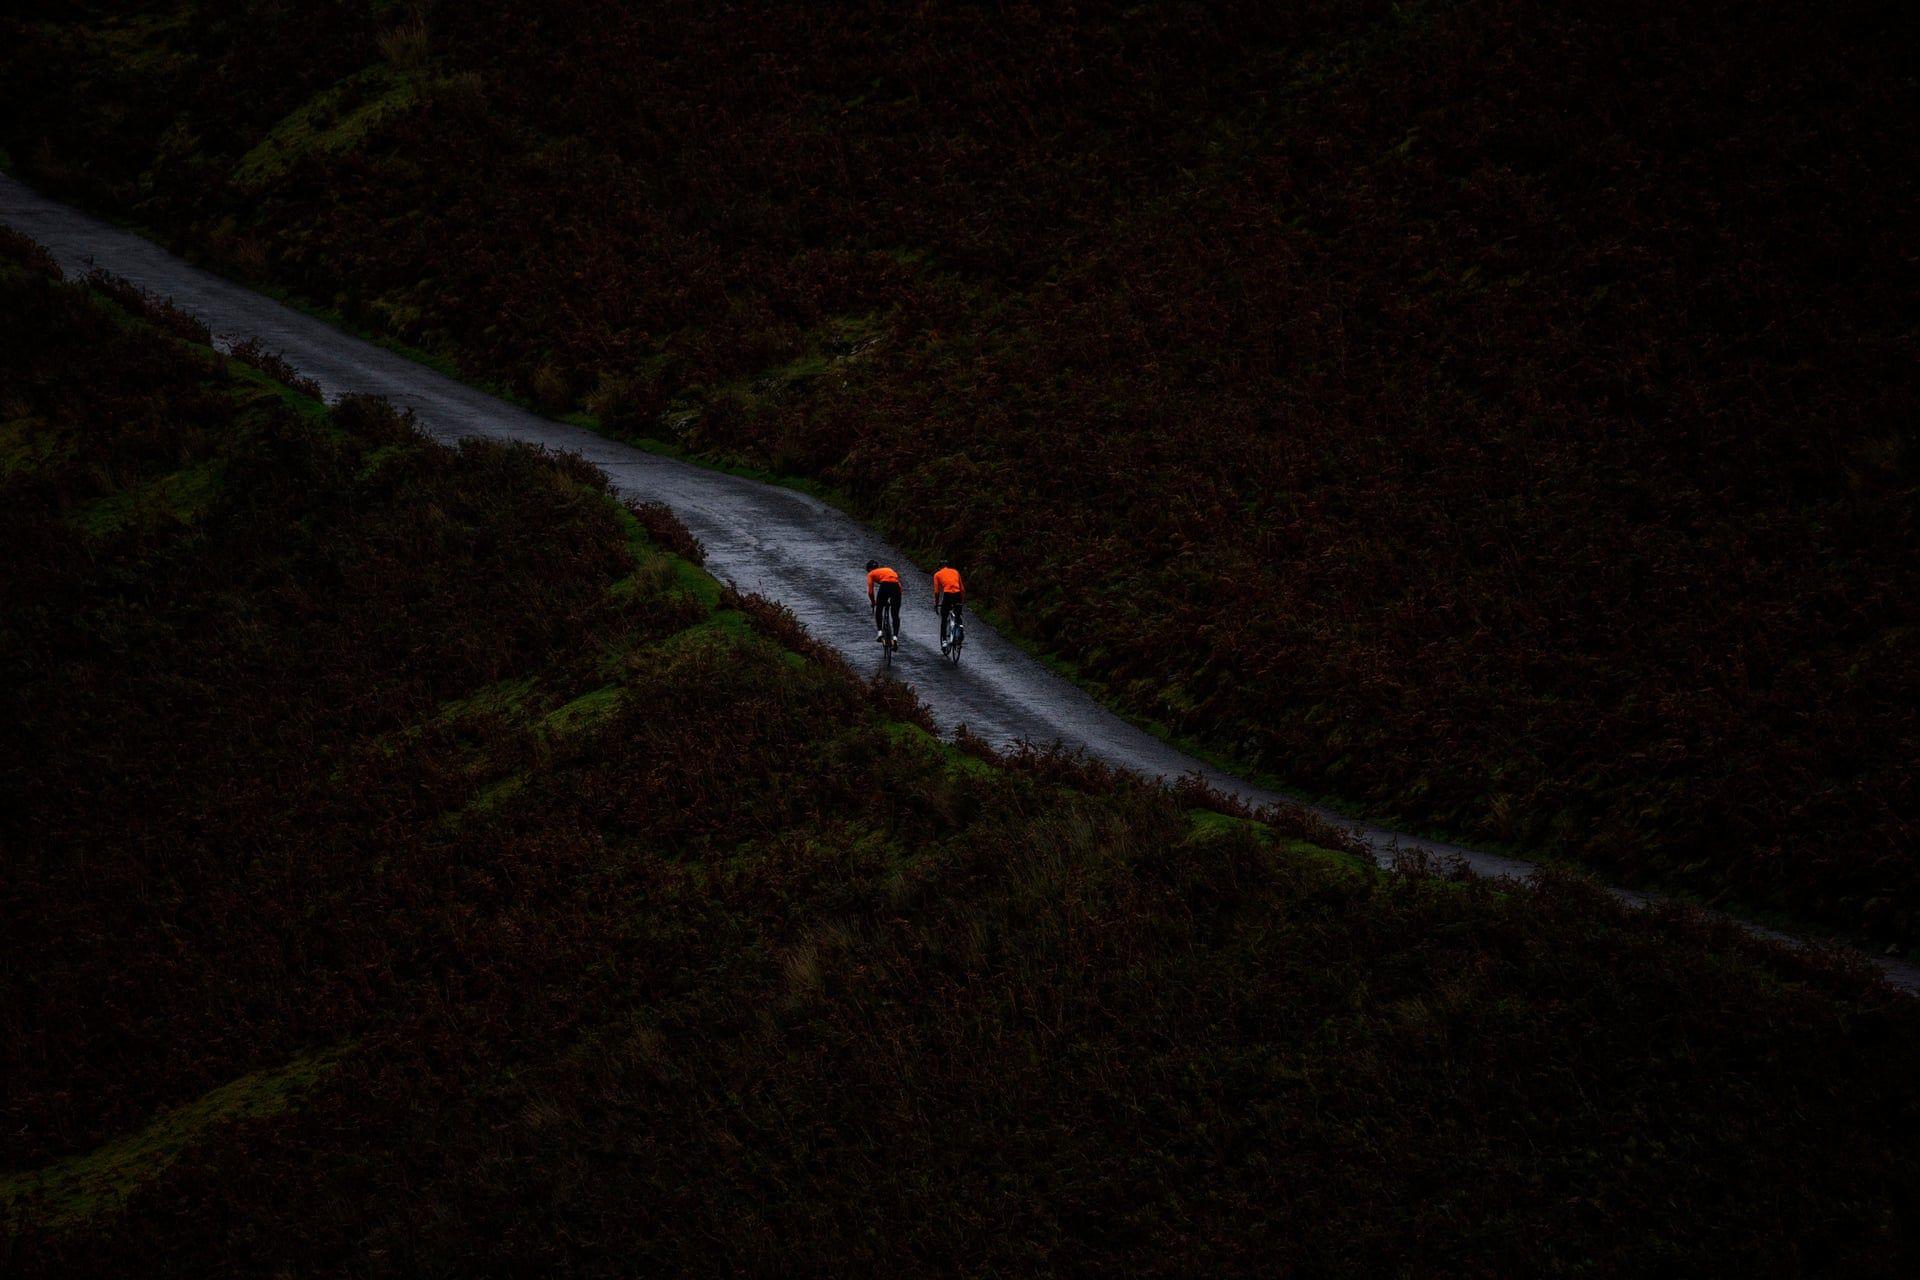 KŽt kerŽkp‡ros a Lake District Nemzeti parkban. Fot—: Rupert Hartley/Rex Shutterstock / thebppa